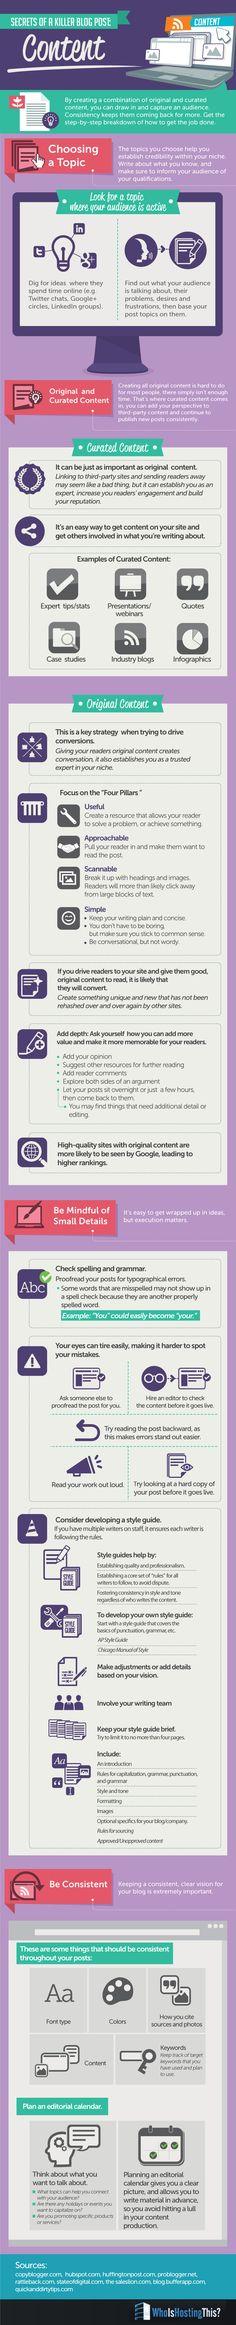 Secrets of a Killer Blog Post www.socialmediamamma.com Better Blogging tips - Social Media Marketing - Blogging Infographic